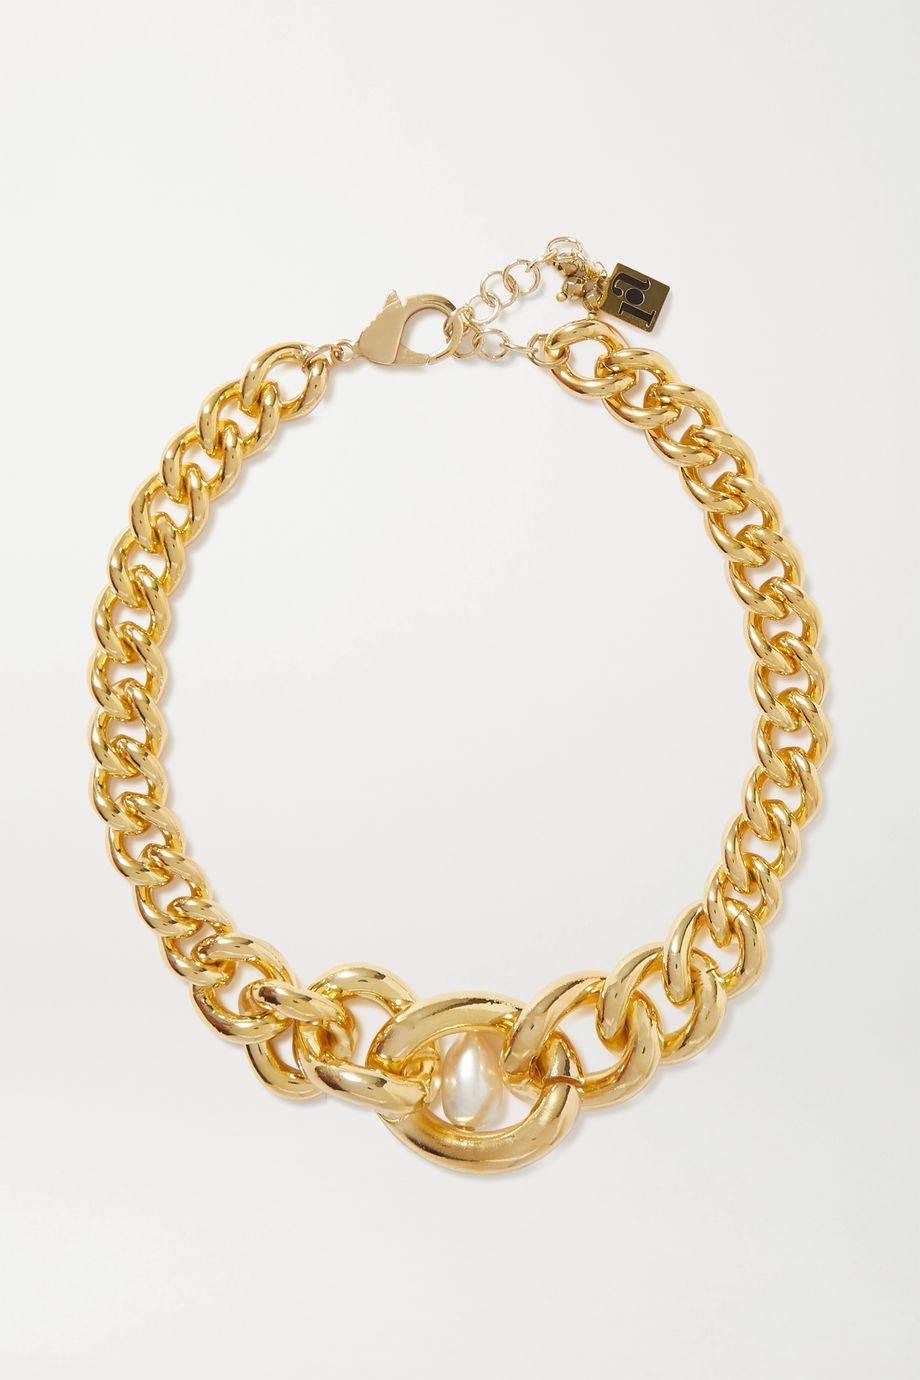 Rosantica Canasta 人造珍珠金色项圈式项链